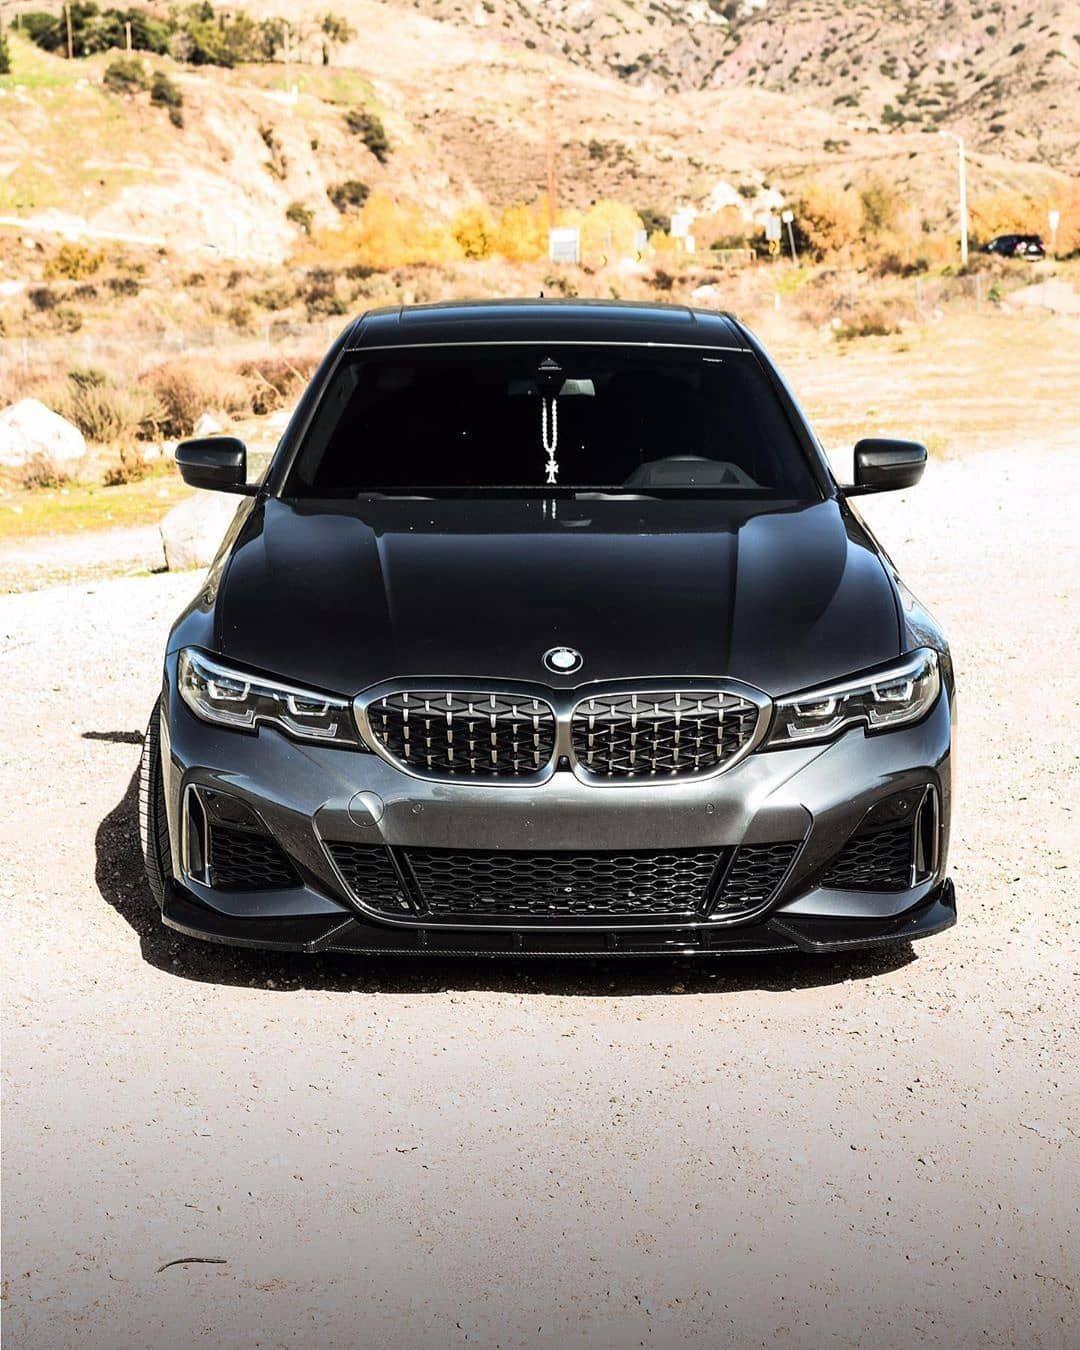 Bmw M3 G80 G20 On Instagram Bmw M340i Mineral Grey Metallic 6 Cylinderstwinpowerturbo M Power Owner 818 M340 In 2020 Bmw Bmw New Cars Bmw M3